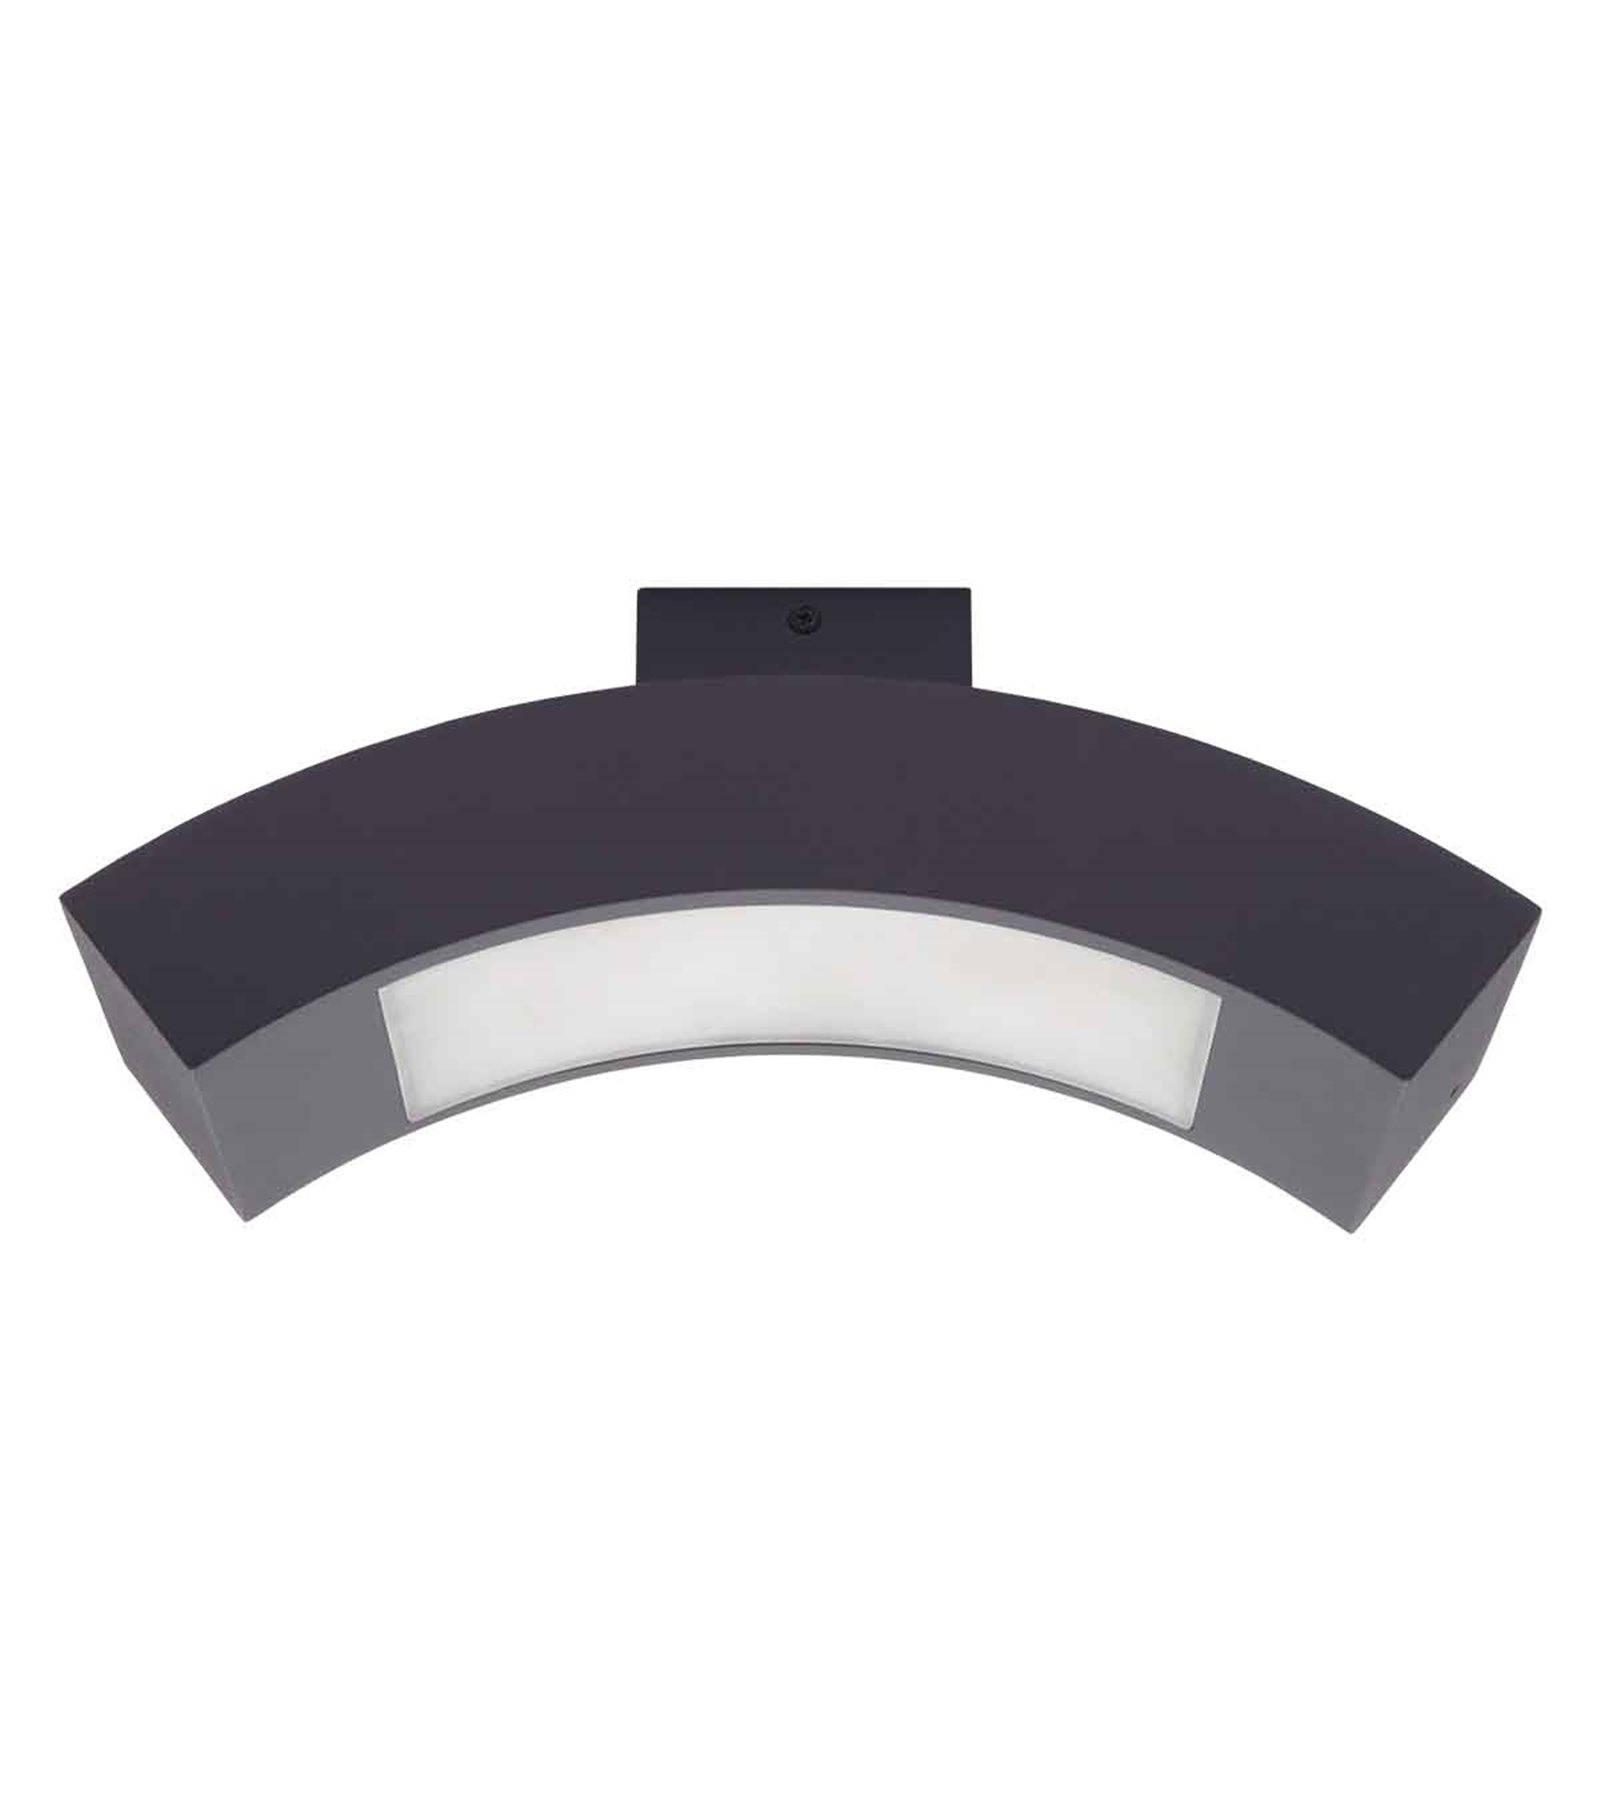 Luminaire pour plafond gris pegasi 2w led integr s ip44 for Suspension exterieur led